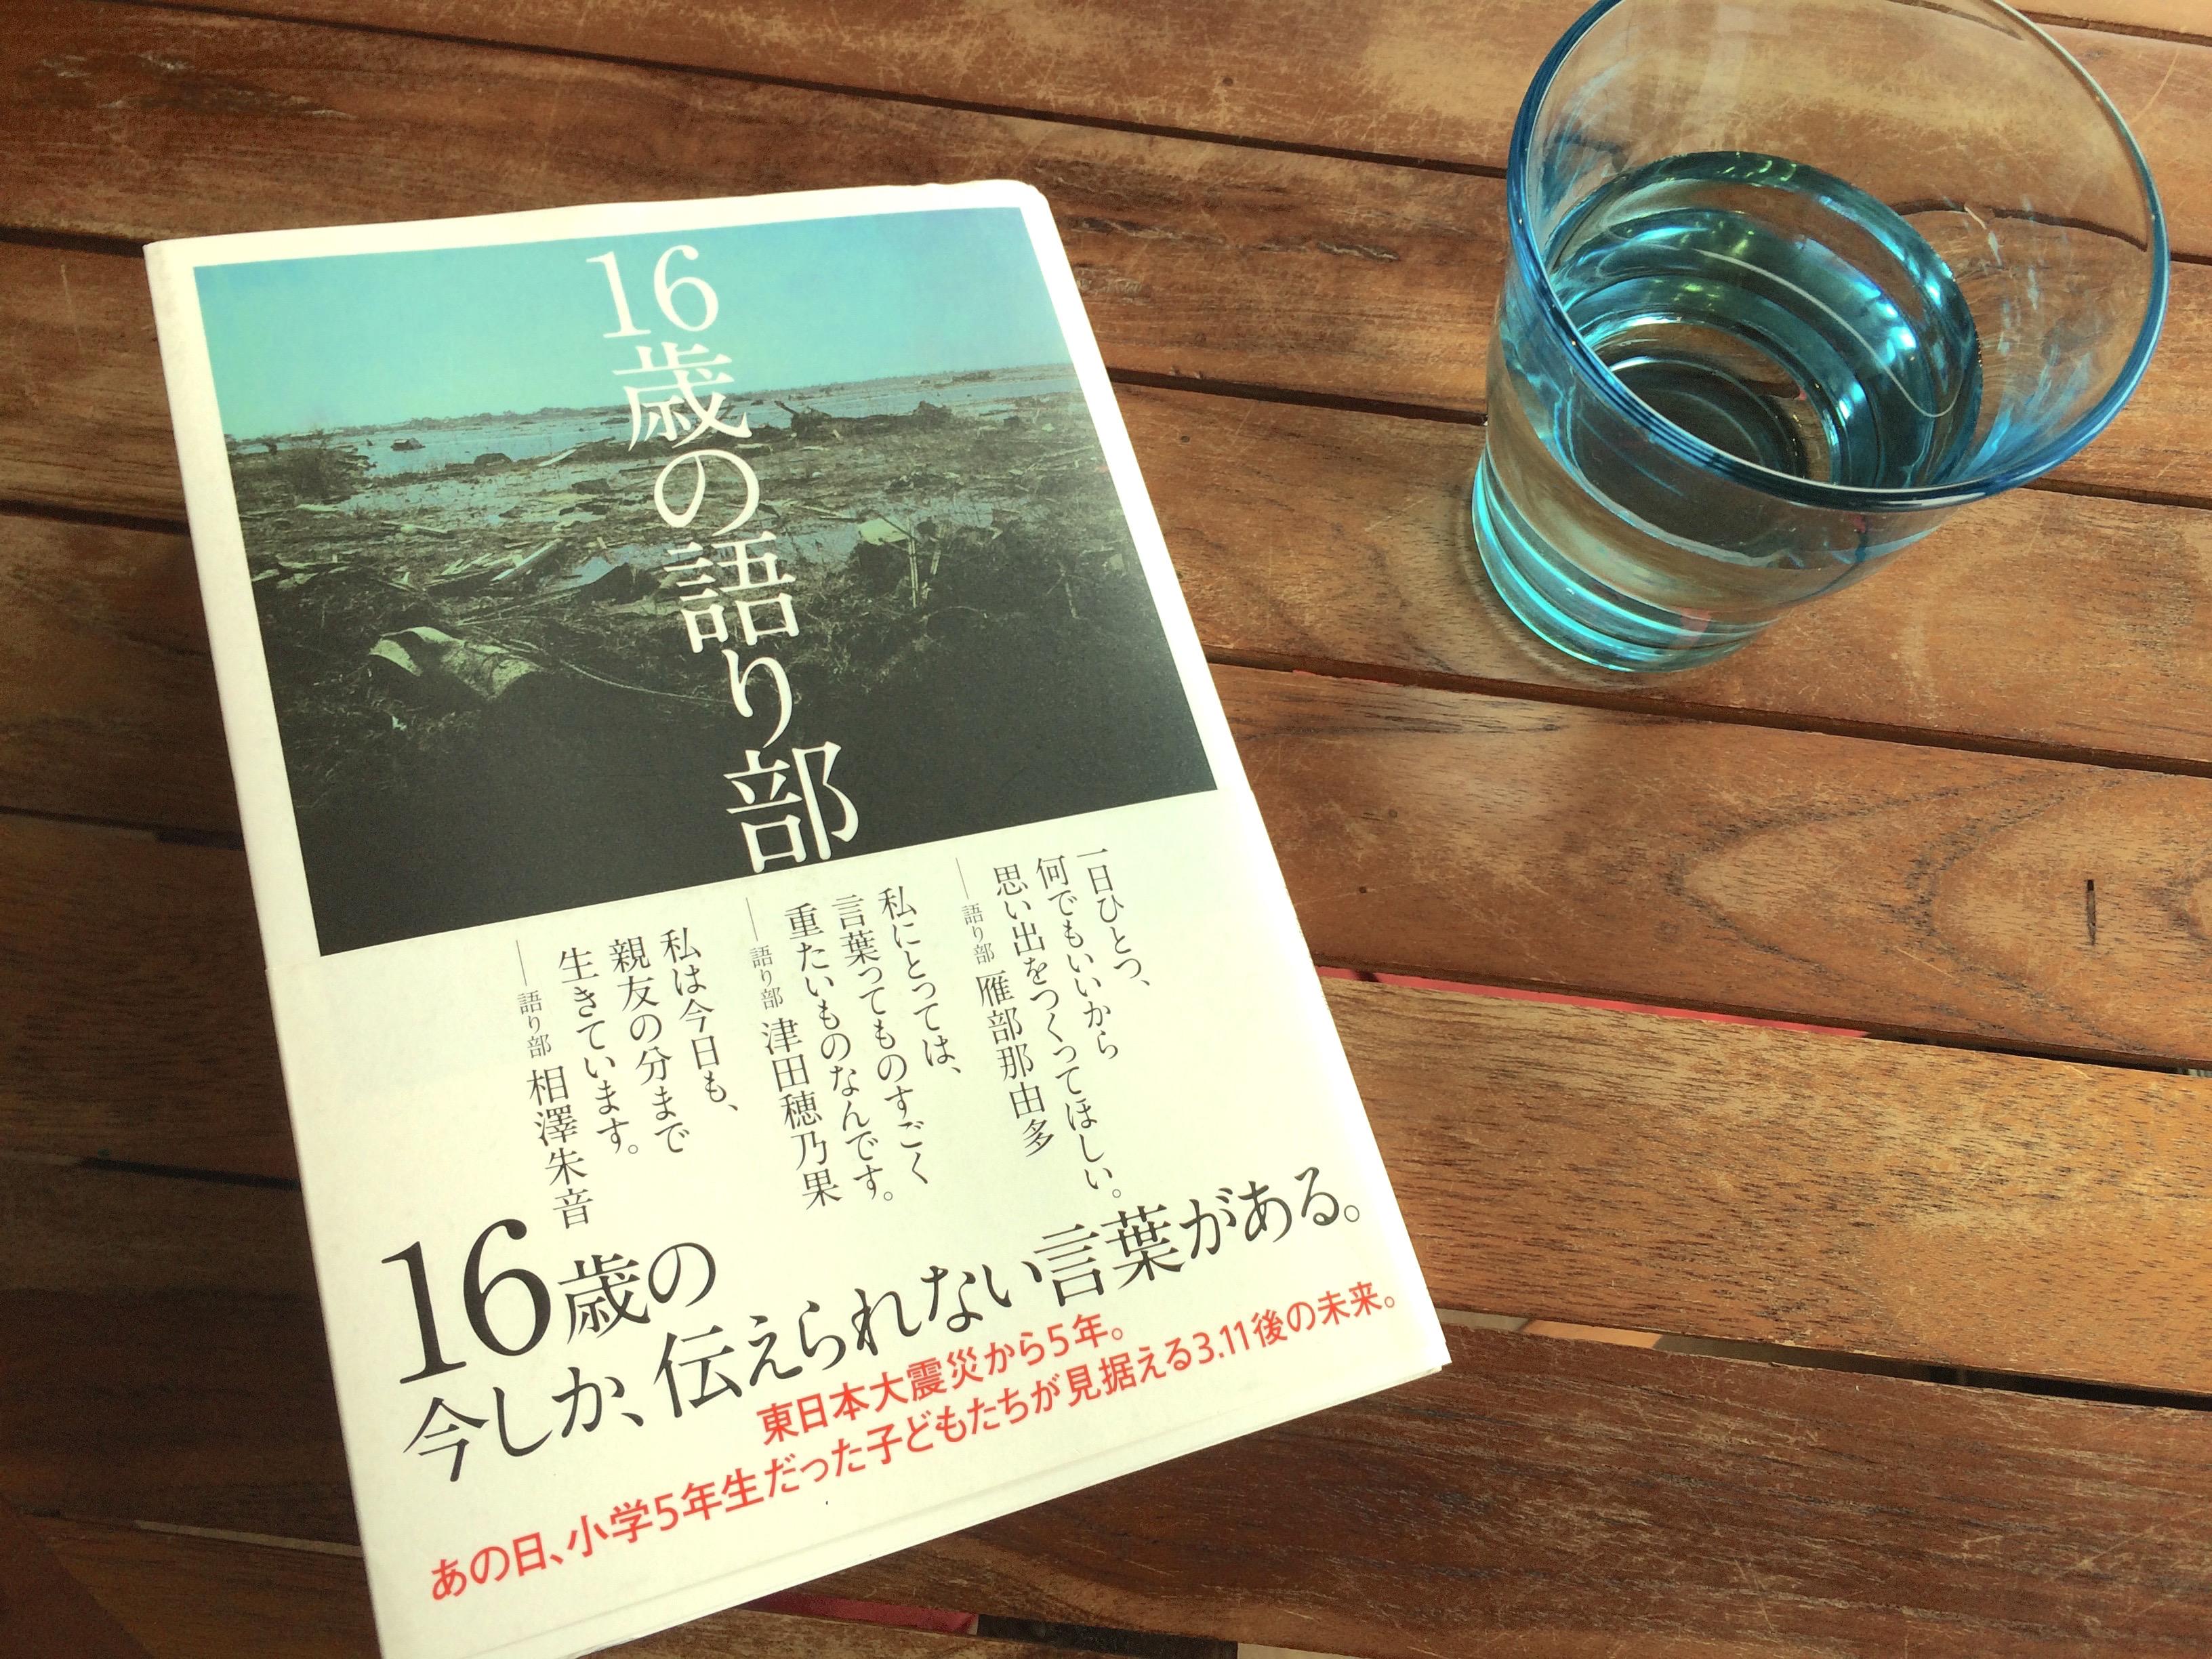 『16歳の語り部』を読みながら逗子の海を眺める〜3月12日は逗子の高校生が被災地を語ります